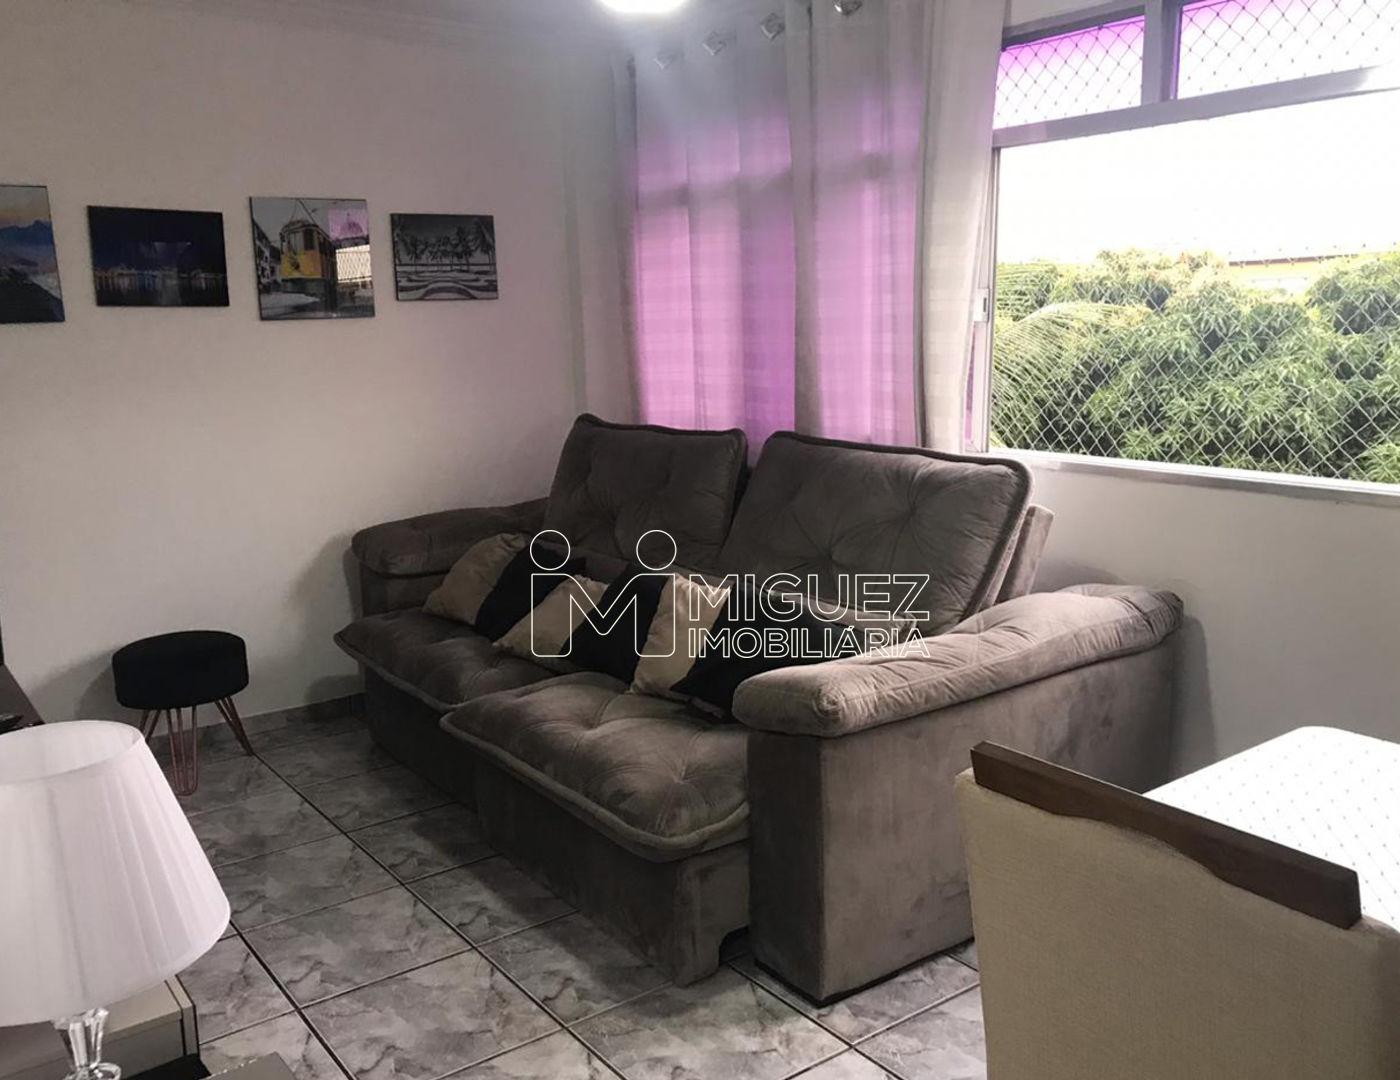 Apartamento, venda, Rua Joaquim Palhares - Praça da Bandeira , Rio de janeiro